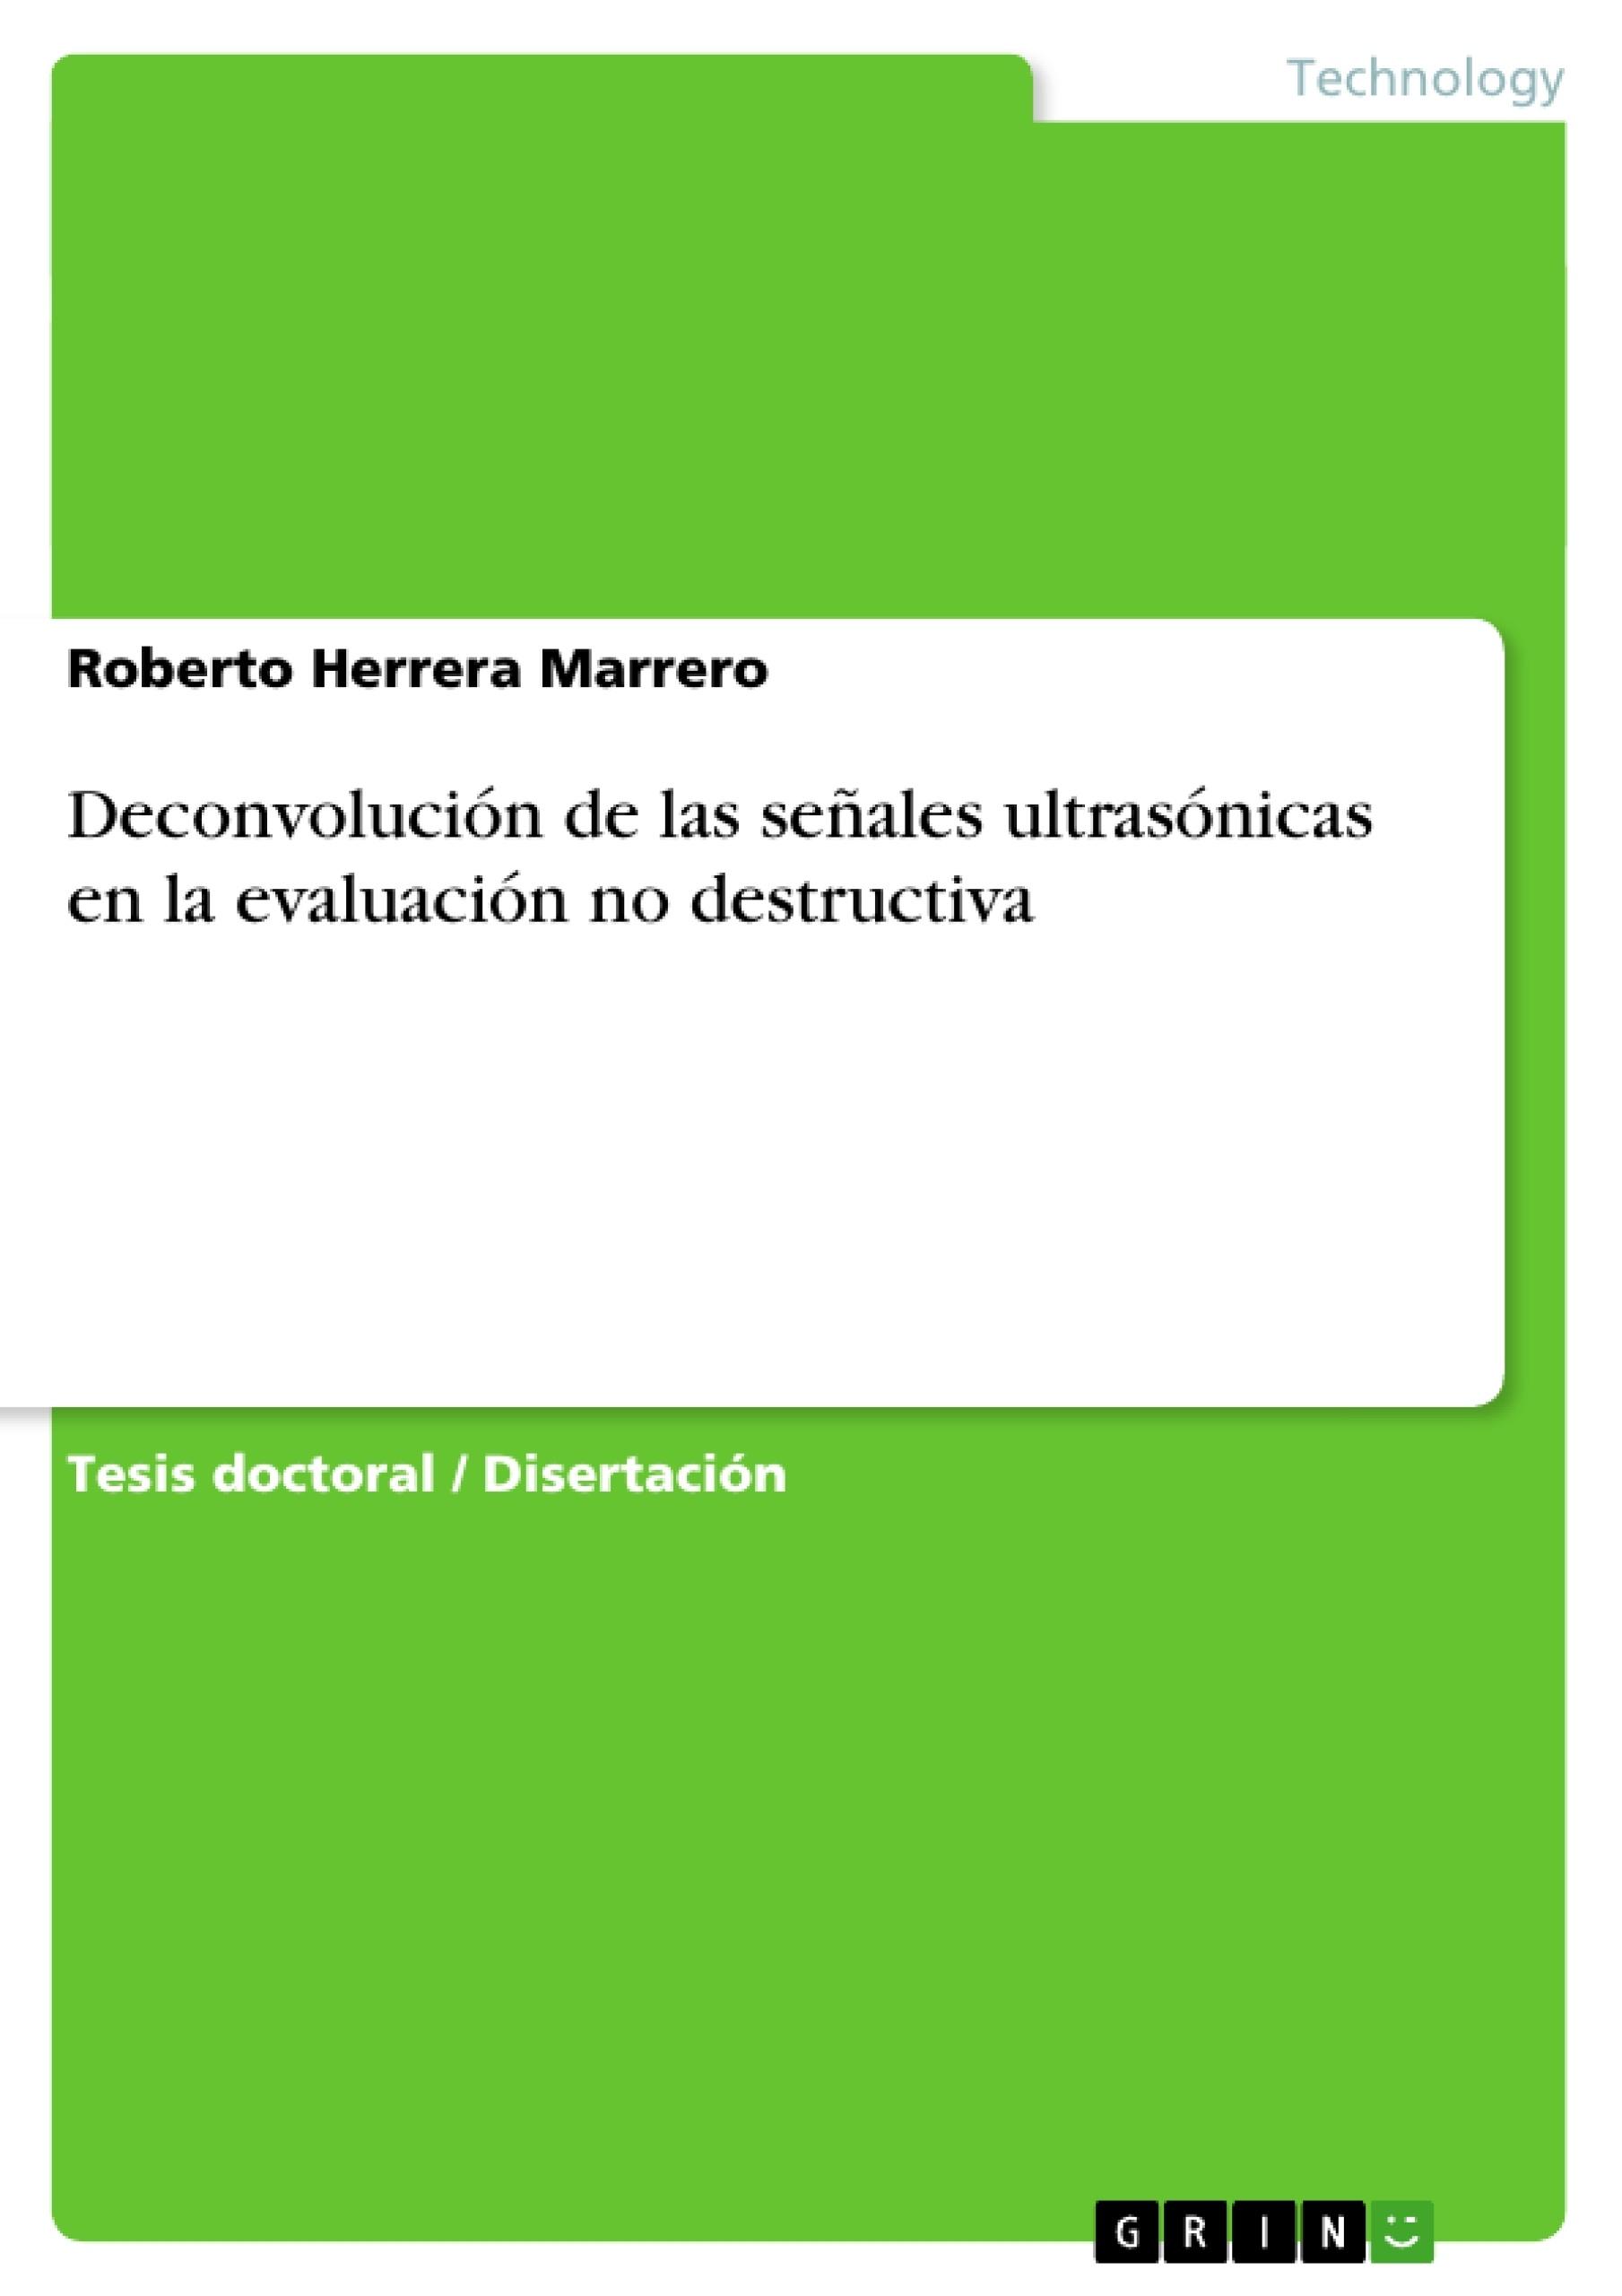 Título: Deconvolución de las señales ultrasónicas en la evaluación no destructiva